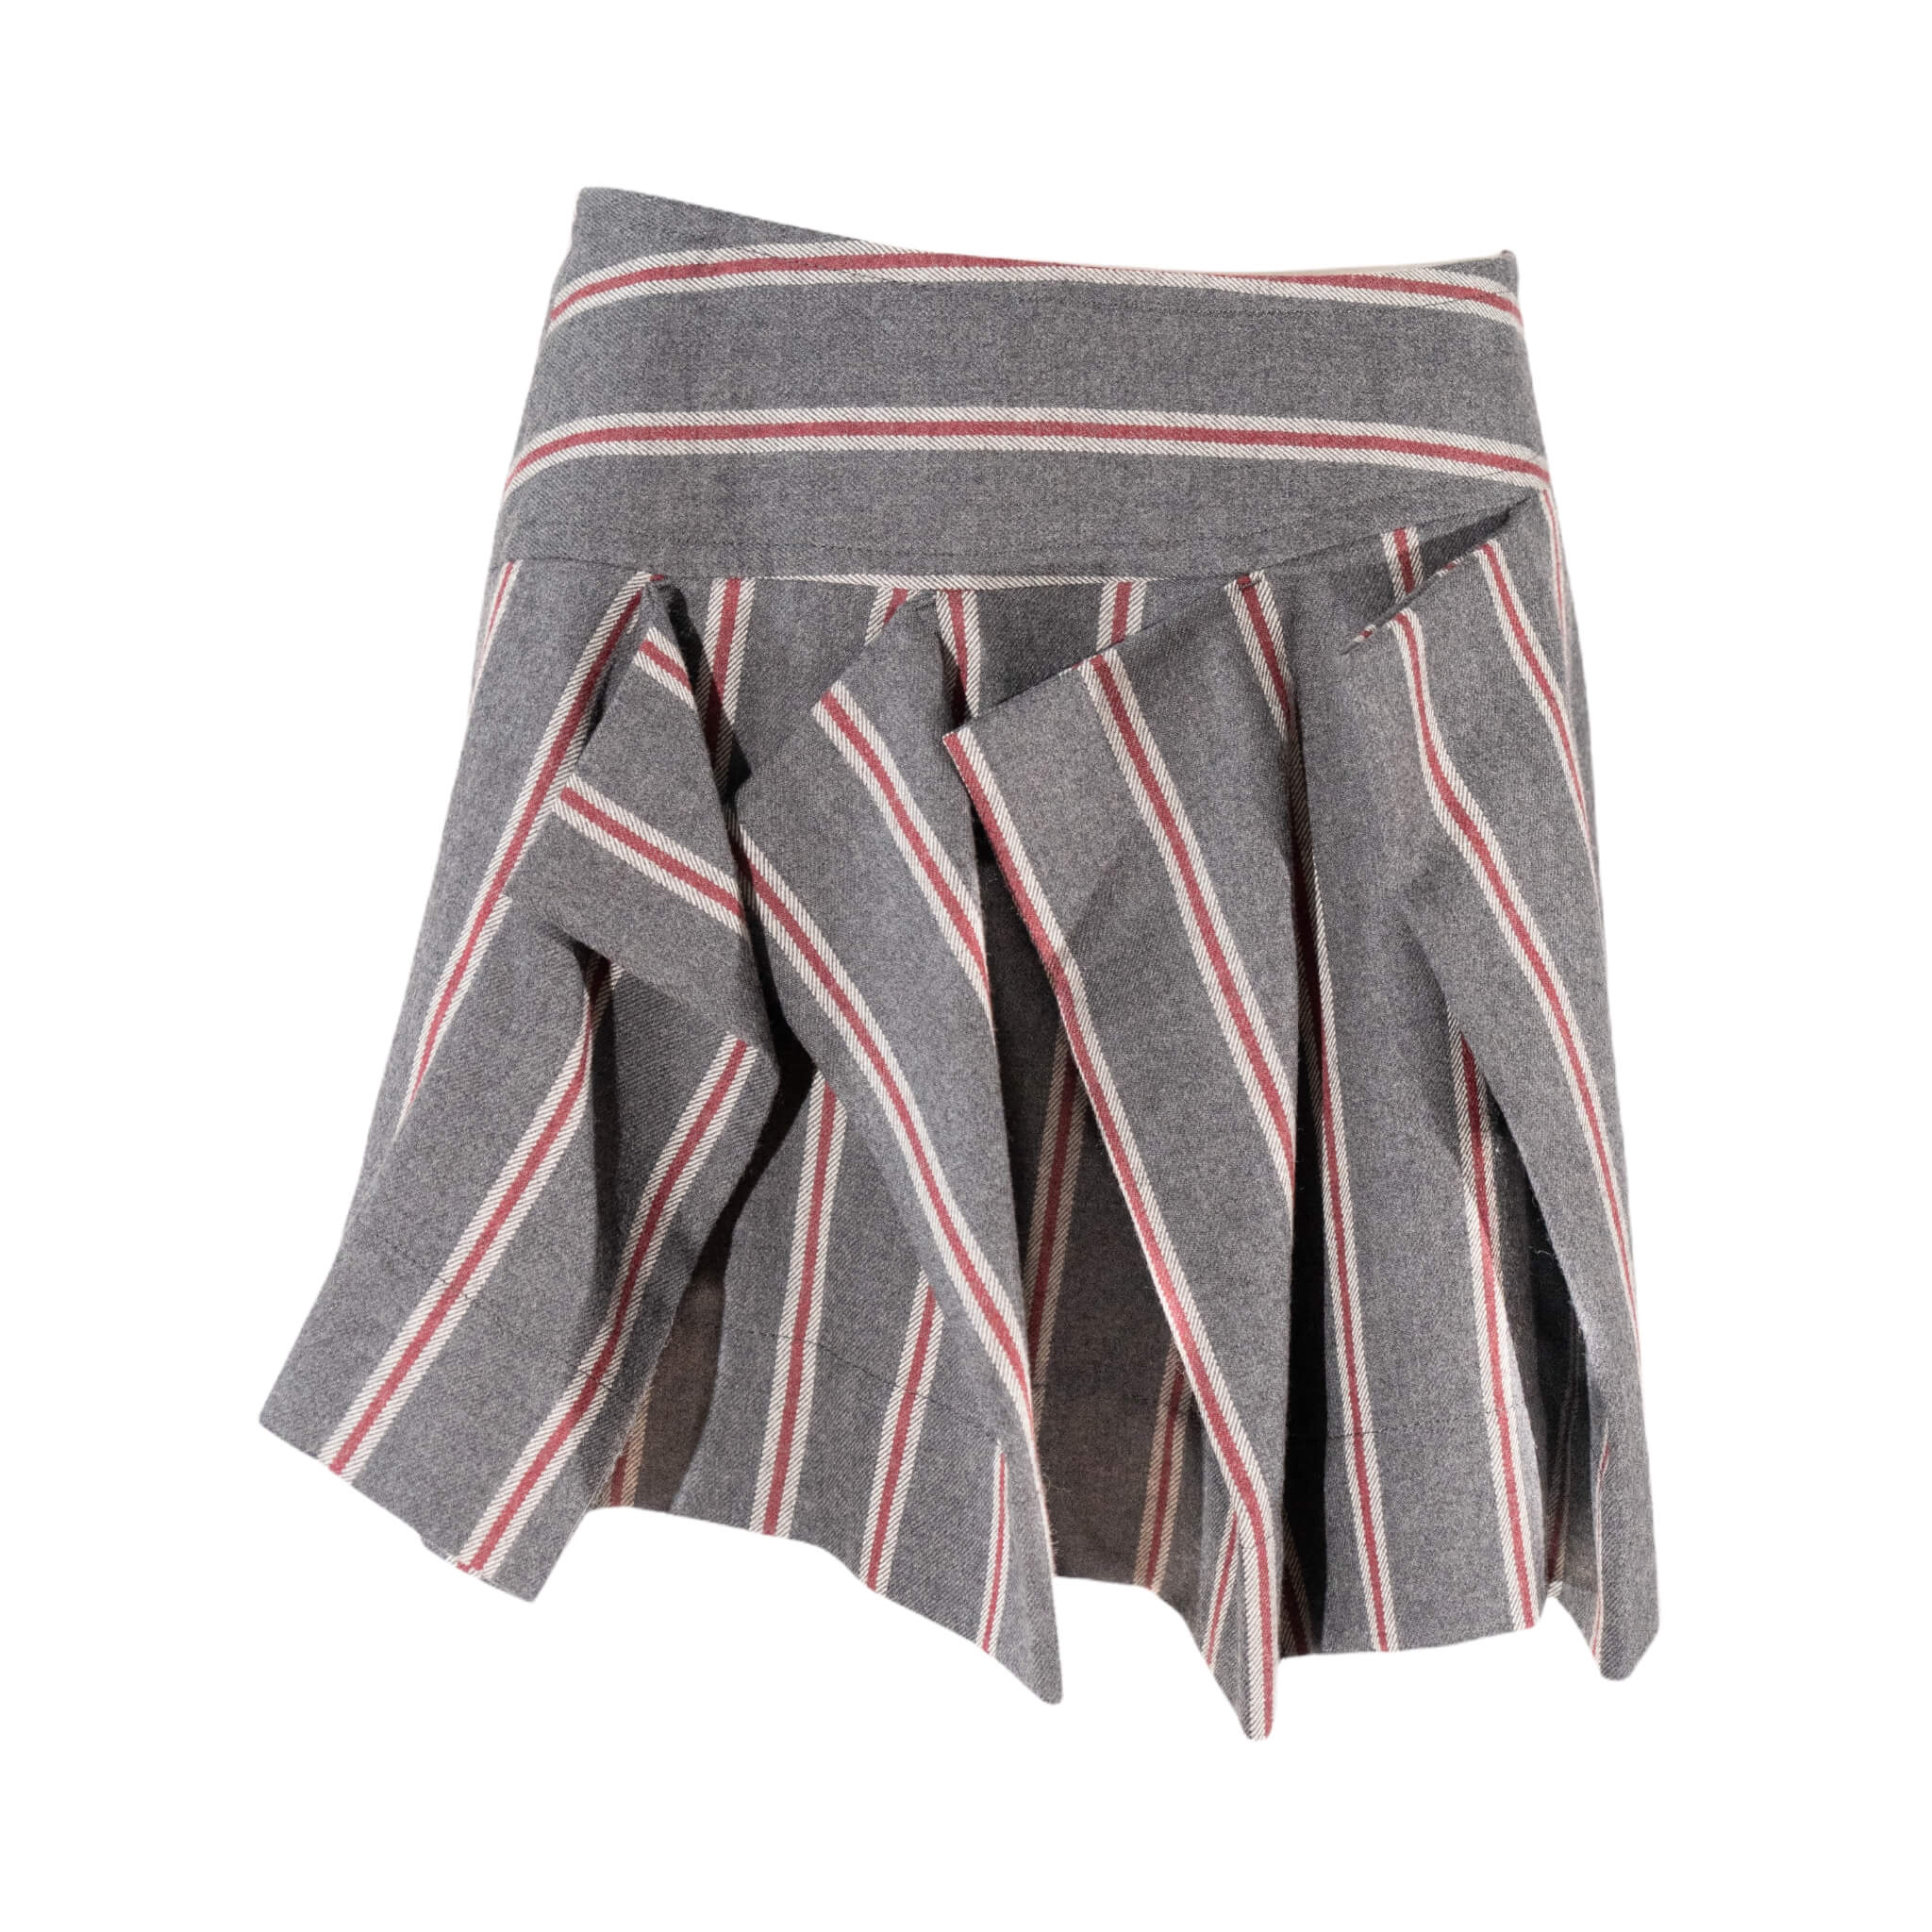 Vivienne Westwood Stripe Wool Skirt